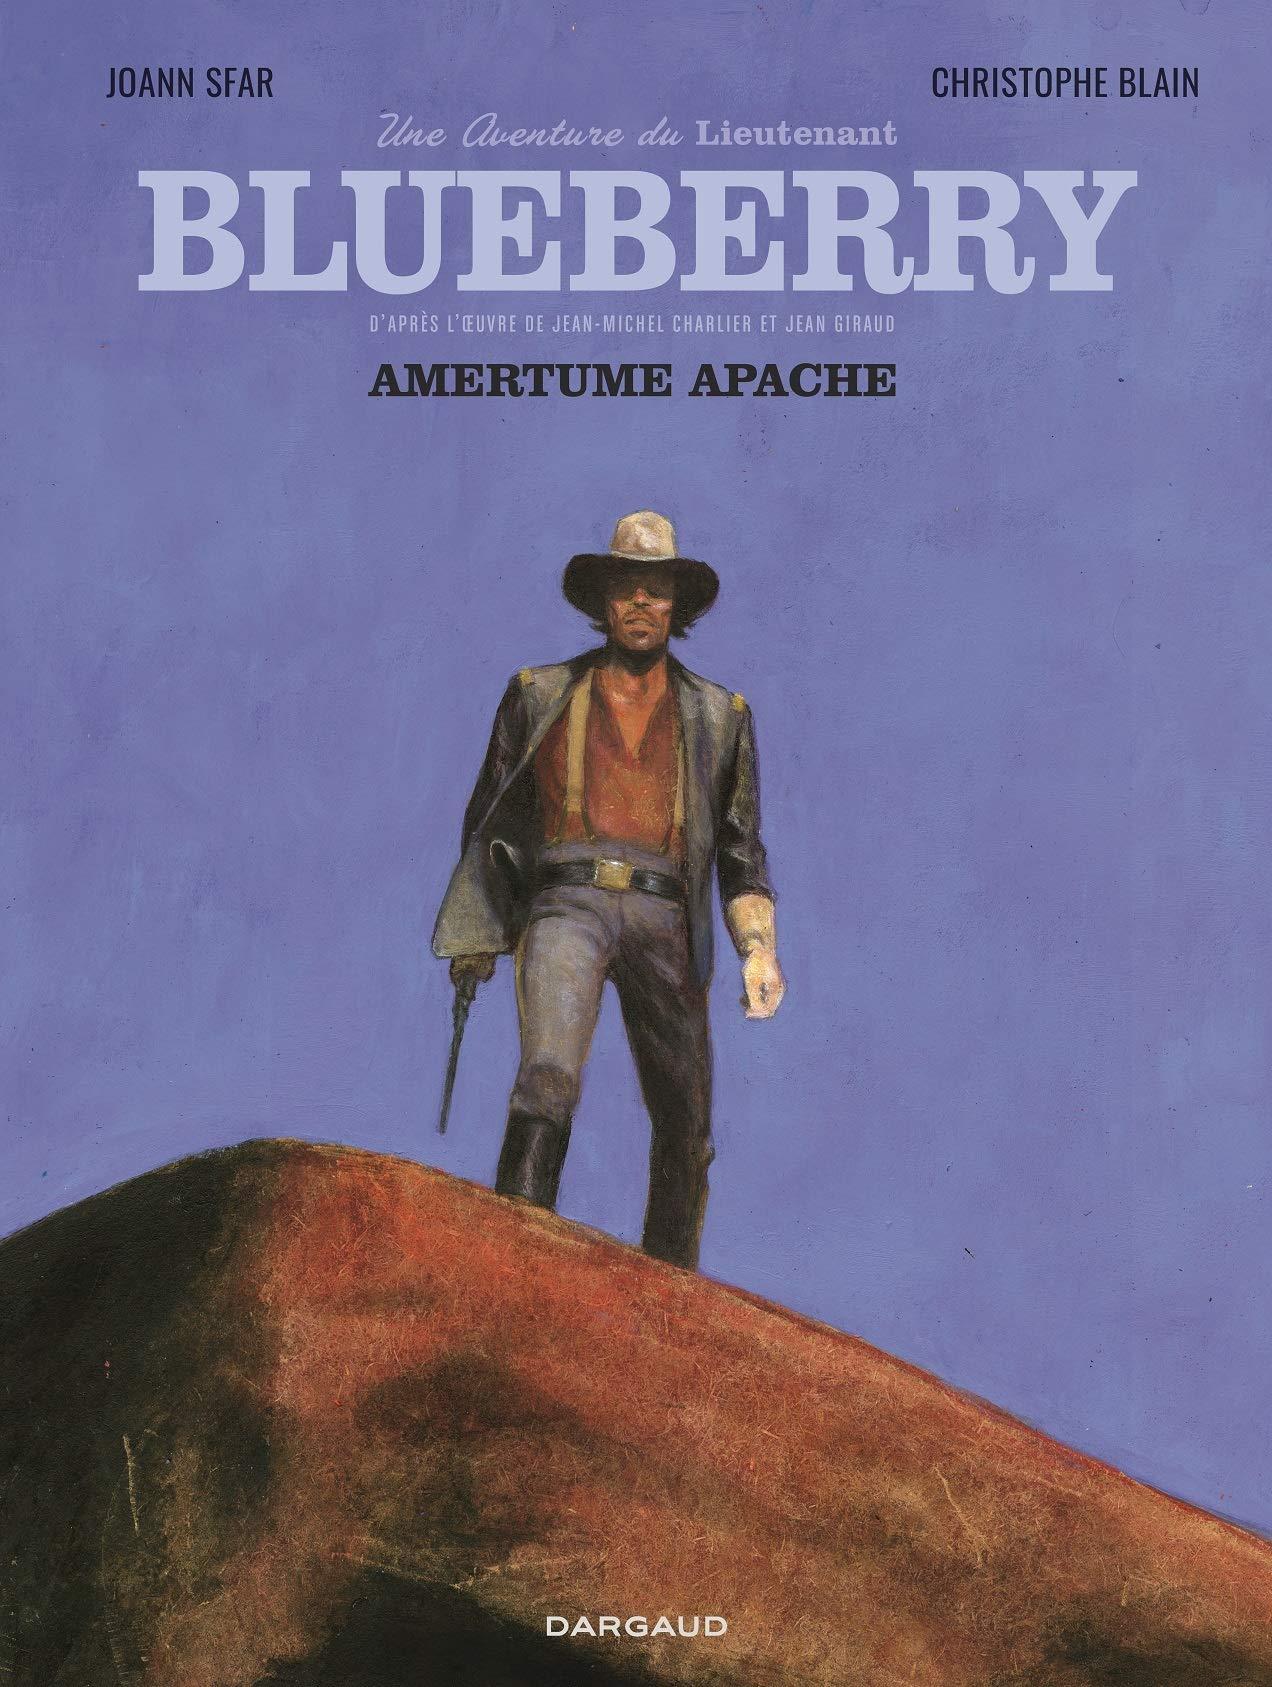 Une aventure du Lieutenant Blueberry 1 - Amertume Apache